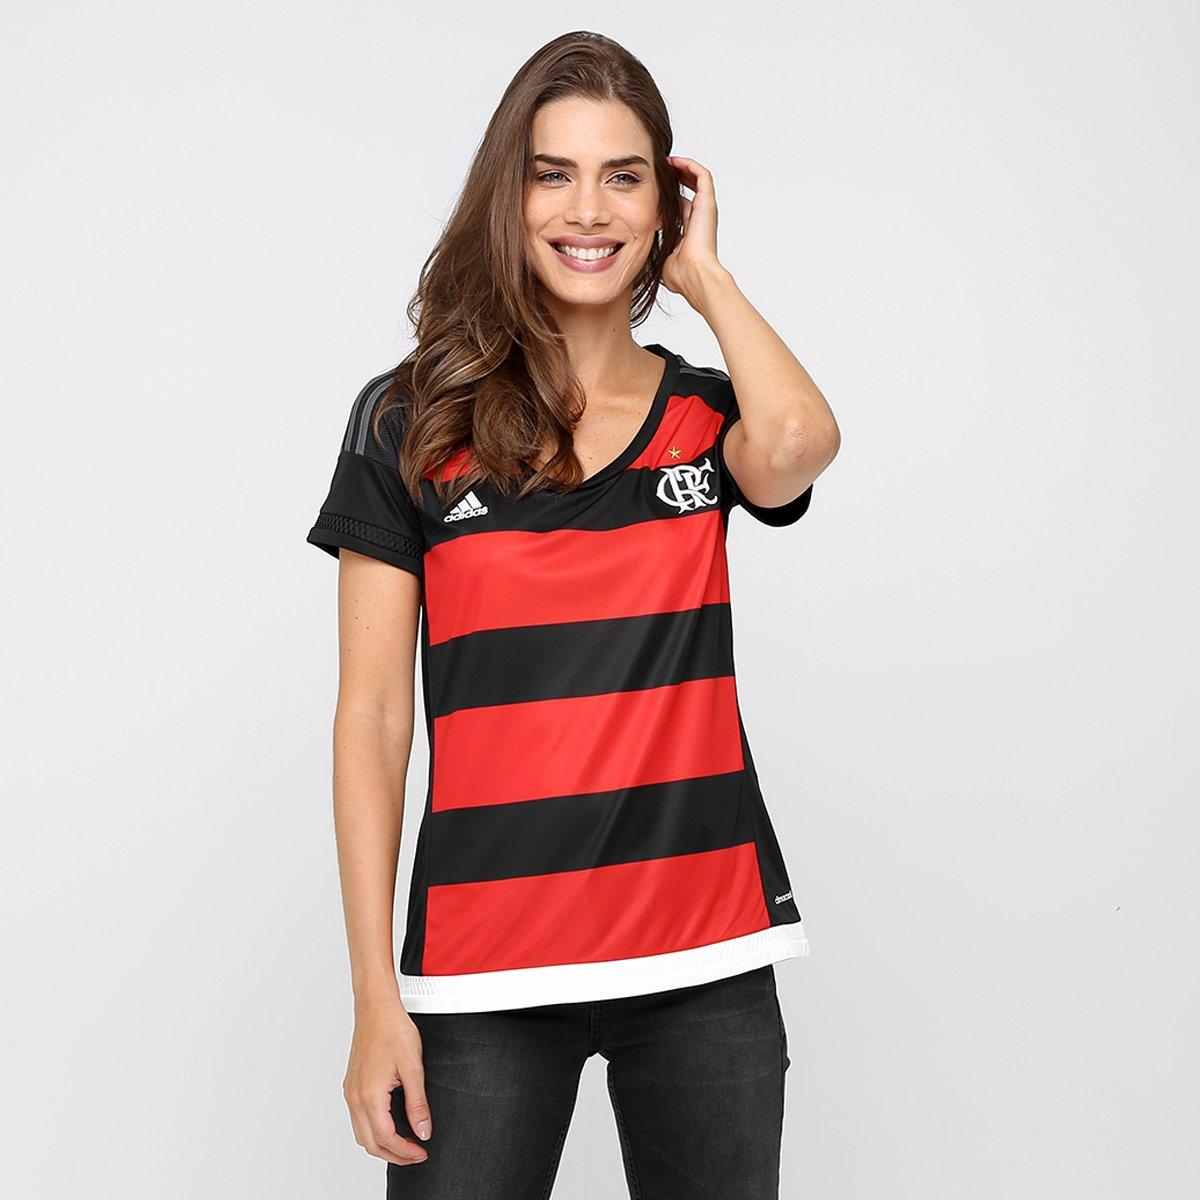 eb7c587c18 Camisa Flamengo I 15 16 s nº Torcedor Adidas Feminina - Compre Agora ...